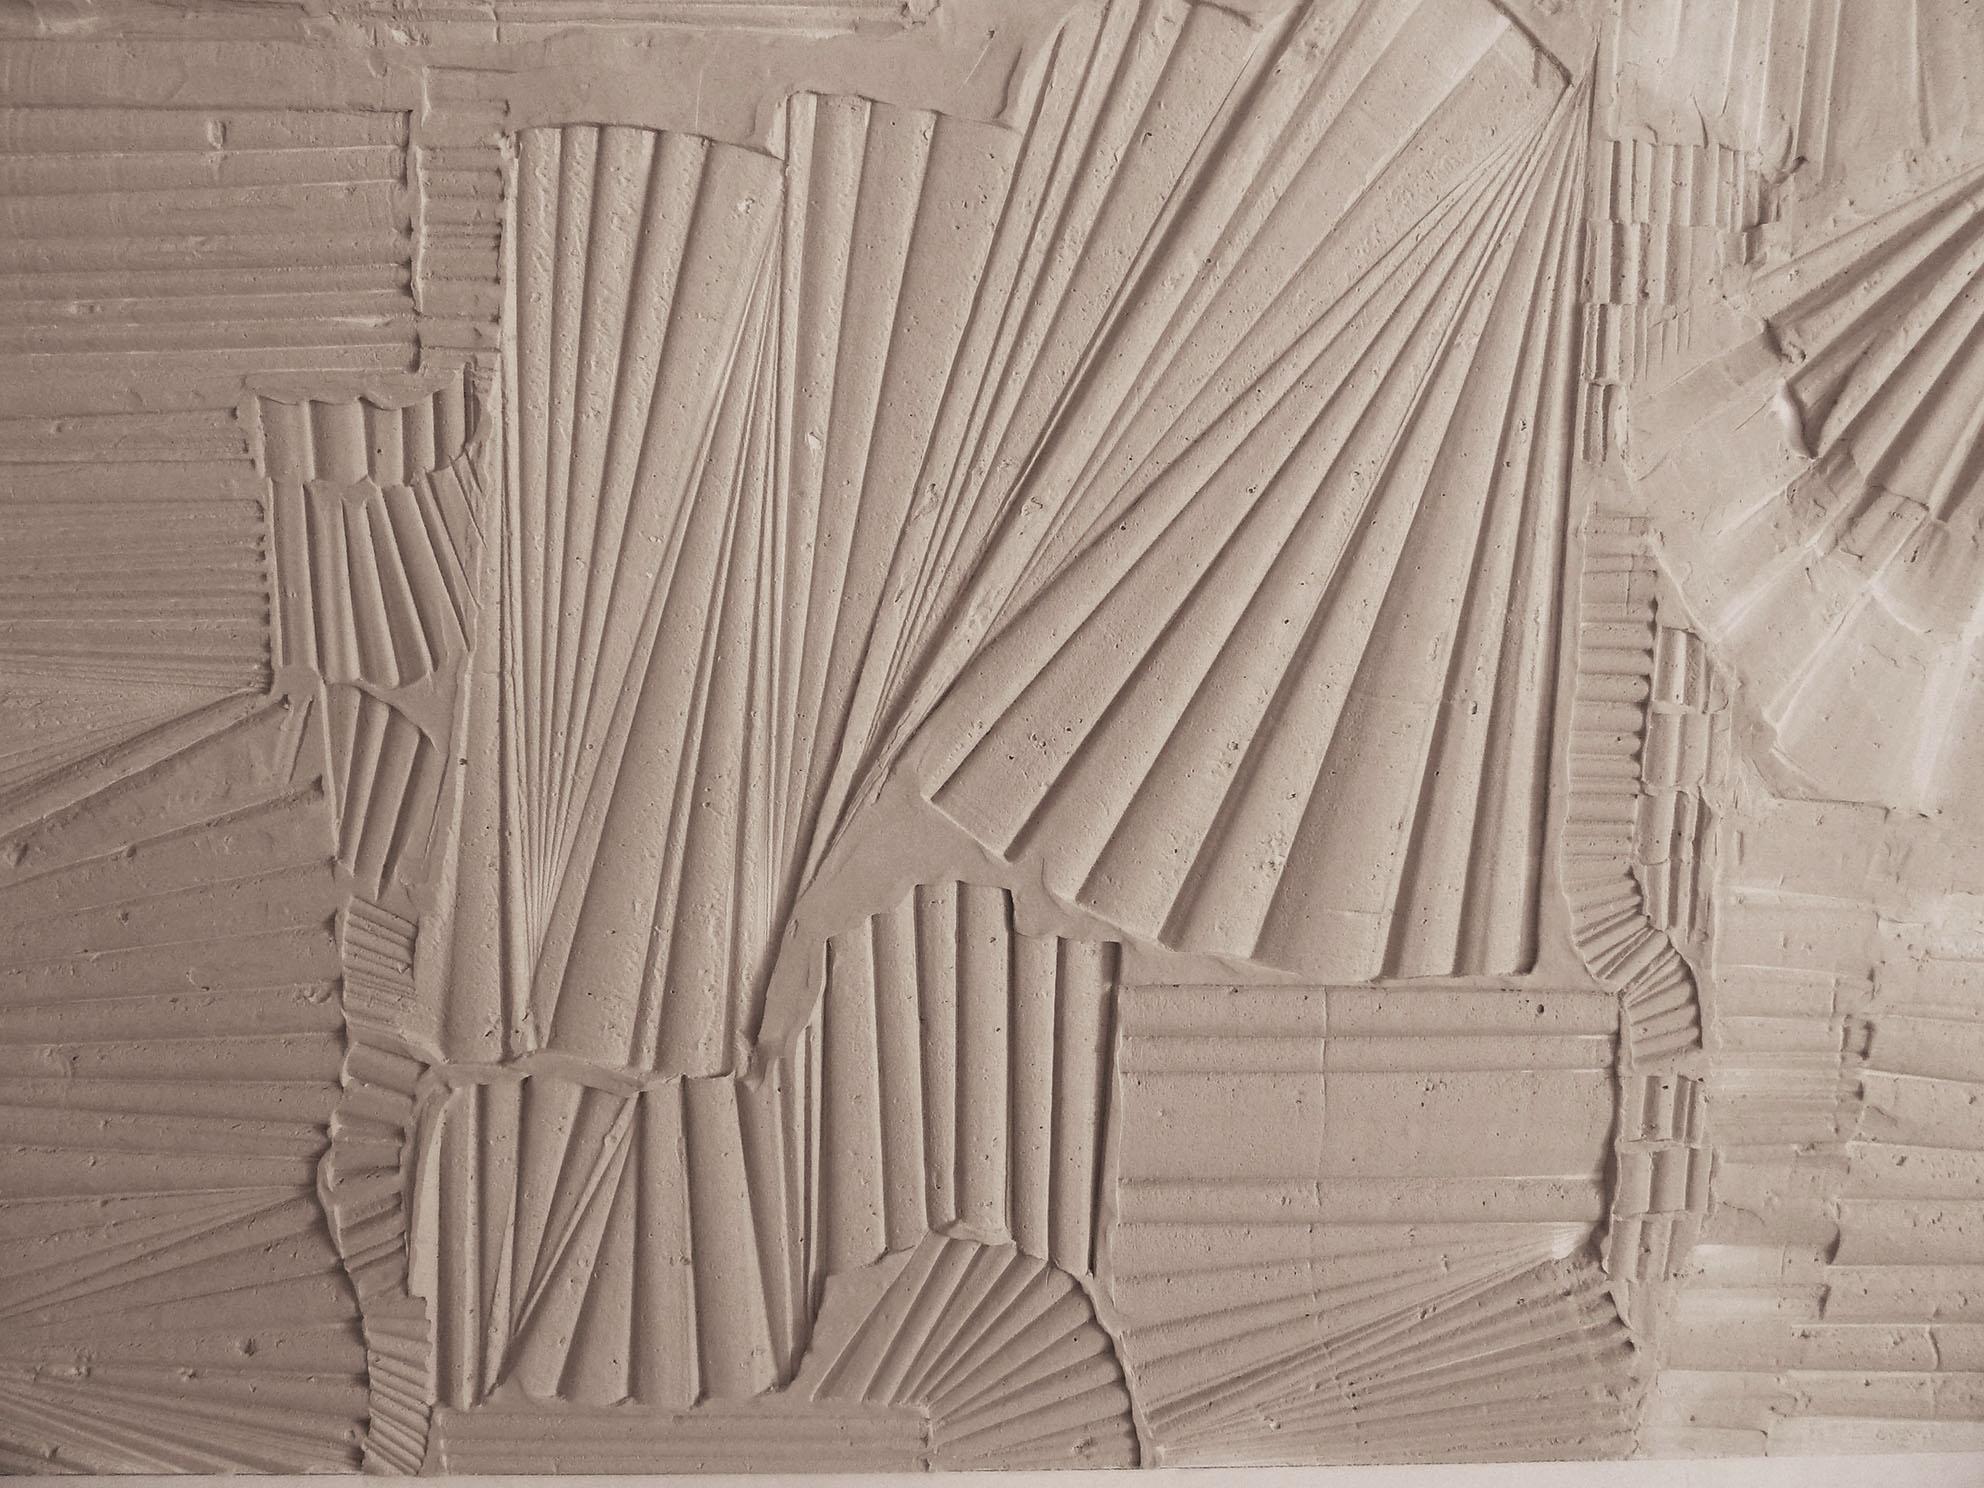 Pareti a bassorilievo N.24 pareti per lofts Roma Gesso modellato su multistrato. Colorazione con lavabile. Cm 600x 280 cad, archetipo, astrazione, bassissimo rilievo, bassorilievo, pareti hall, pareti hotel, pareti loft, gesso modellato, pigmenti, texture